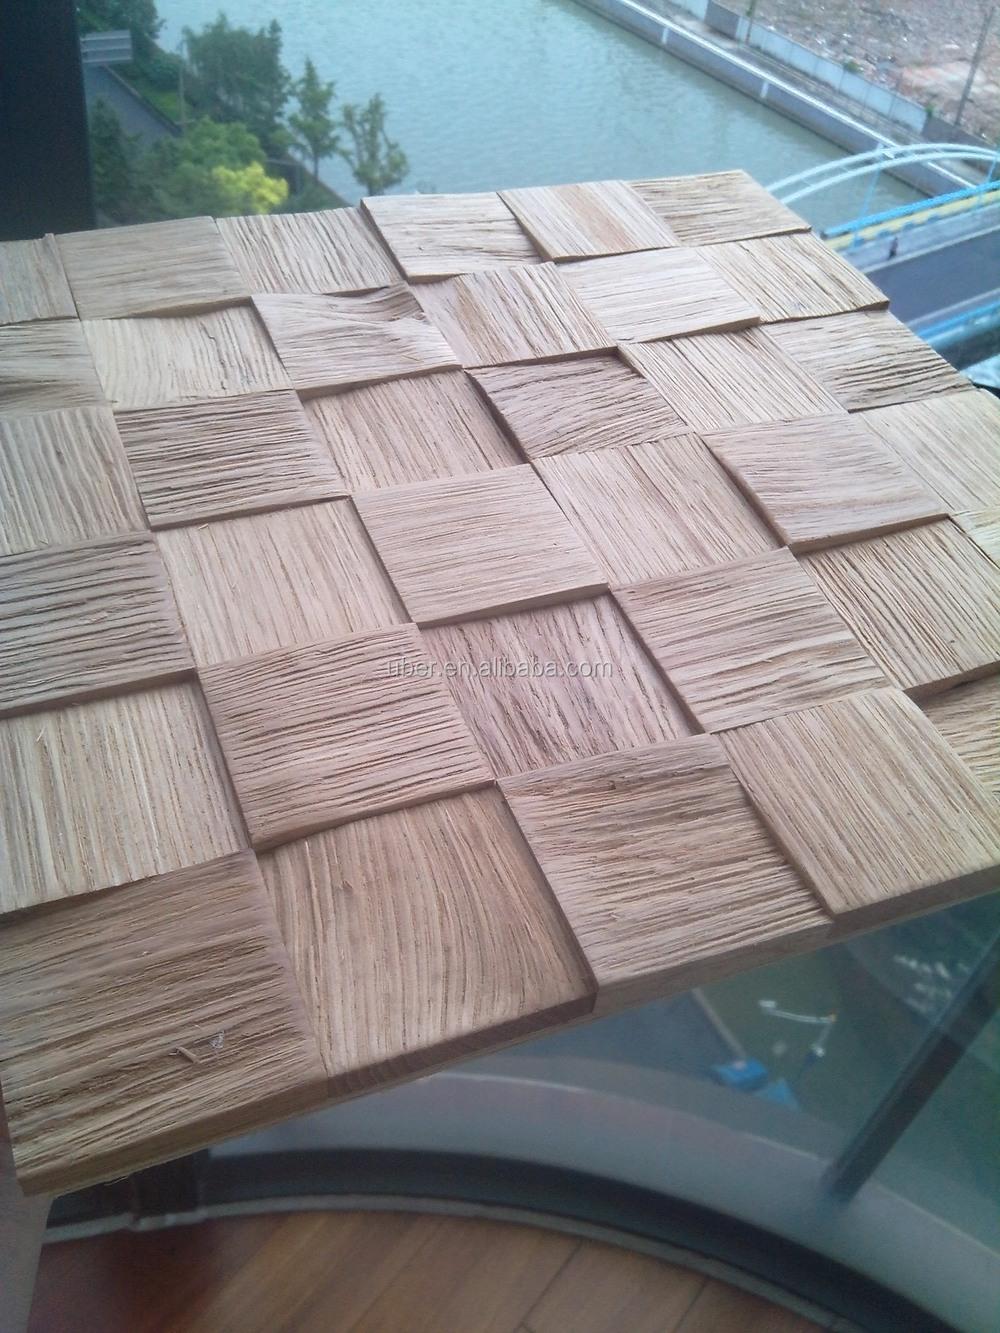 Uber 3d interieur decoratieve houten keuken wandpanelen wallpapers ...